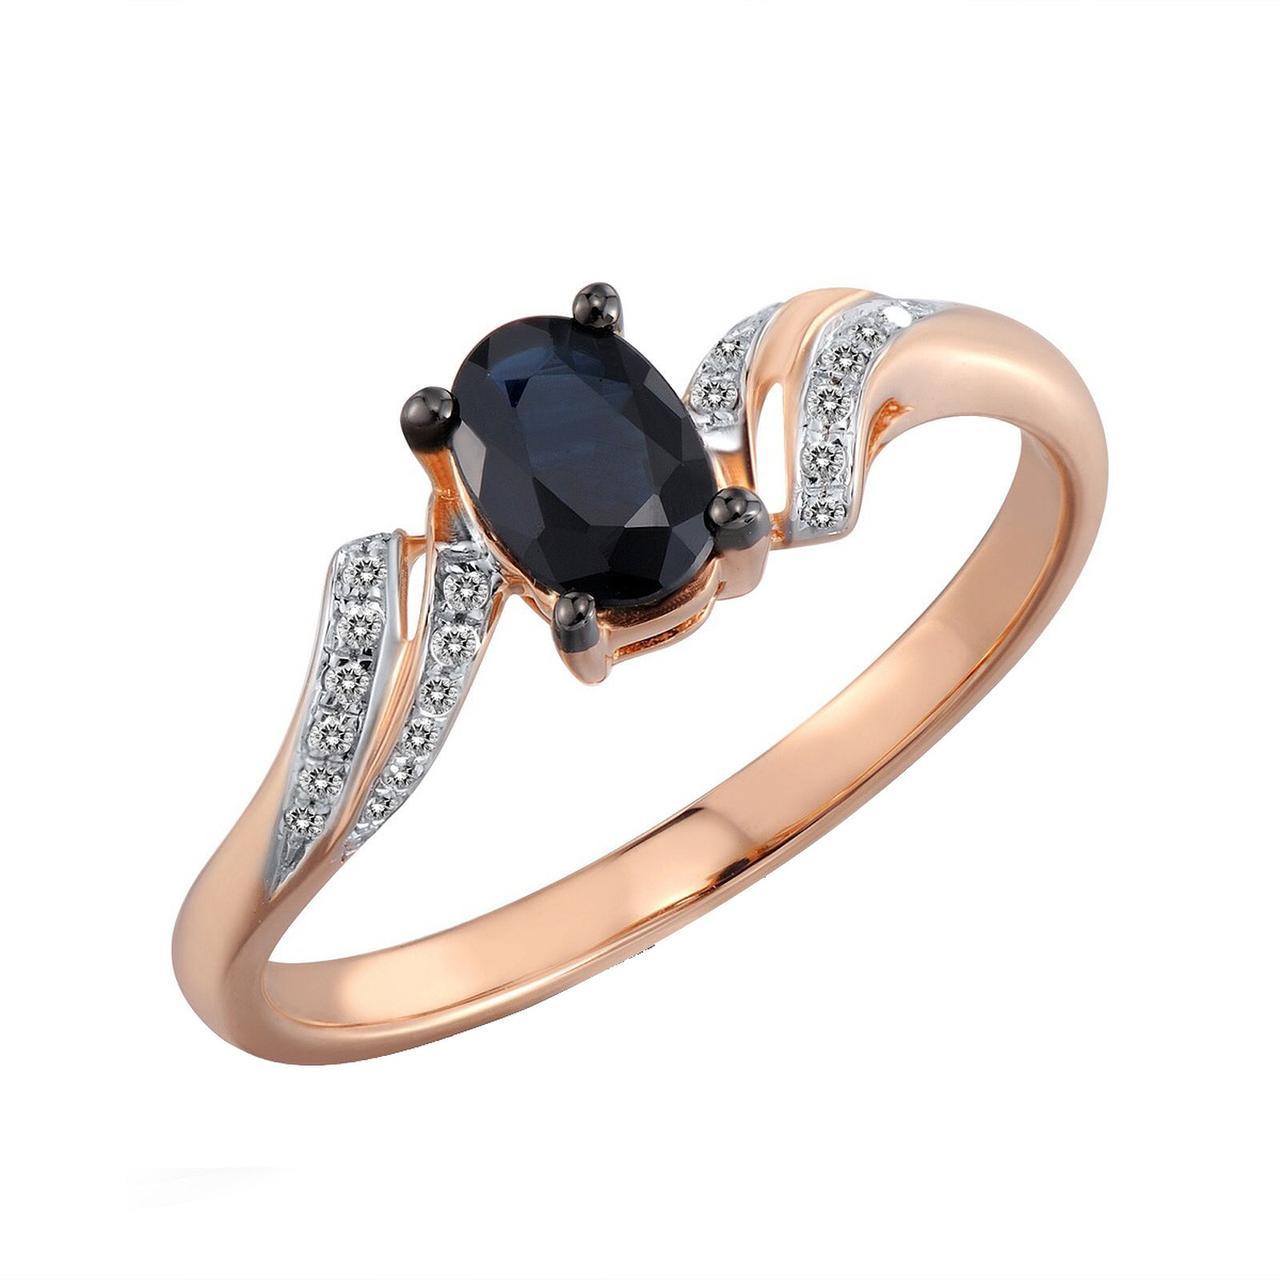 Золотое кольцо с бриллиантами и сапфиром, размер 16 (533353)